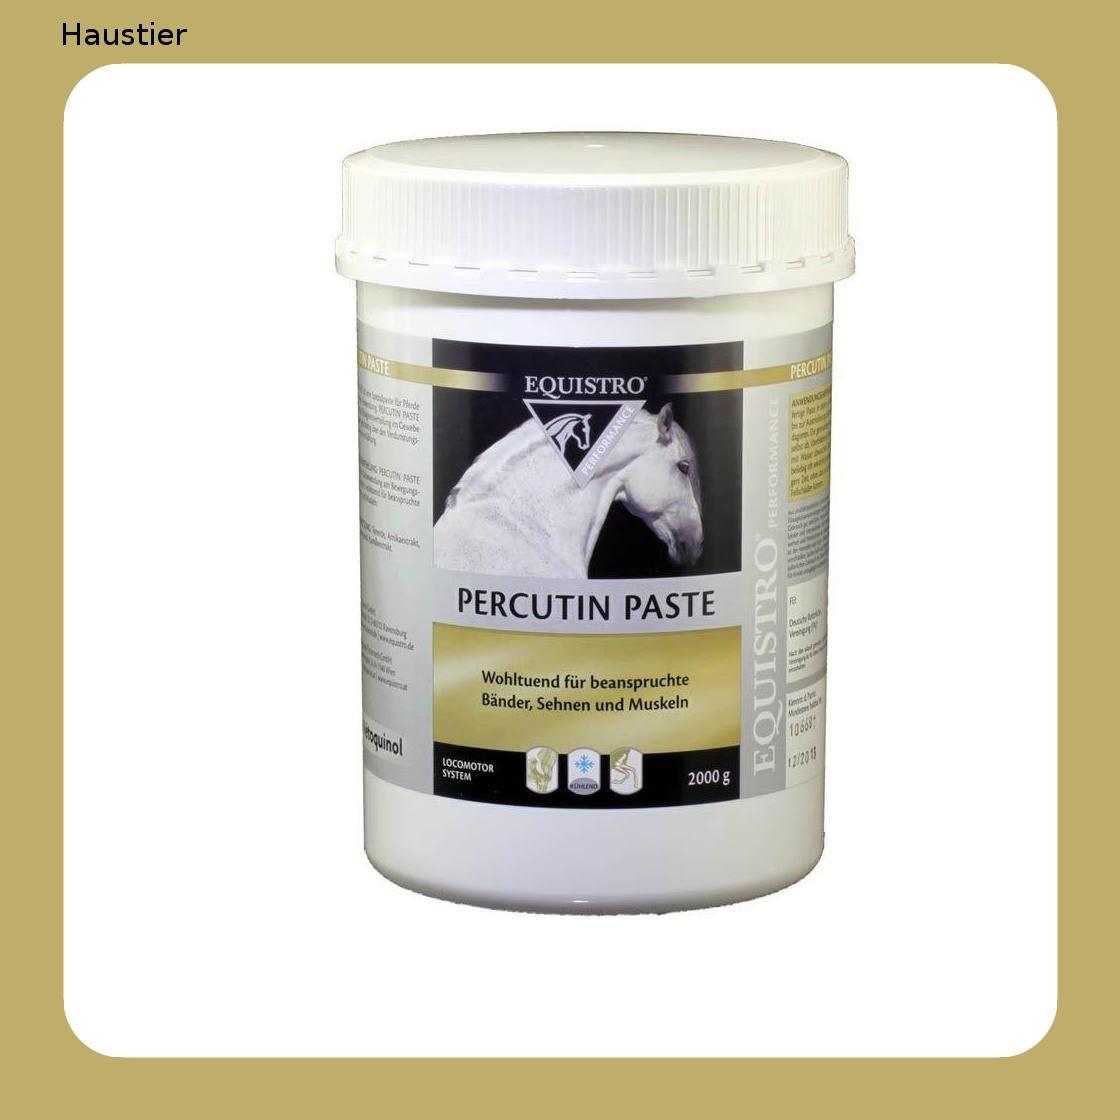 Equistro Percutin Paste 2 Kg Haustiere Muskeln Stier